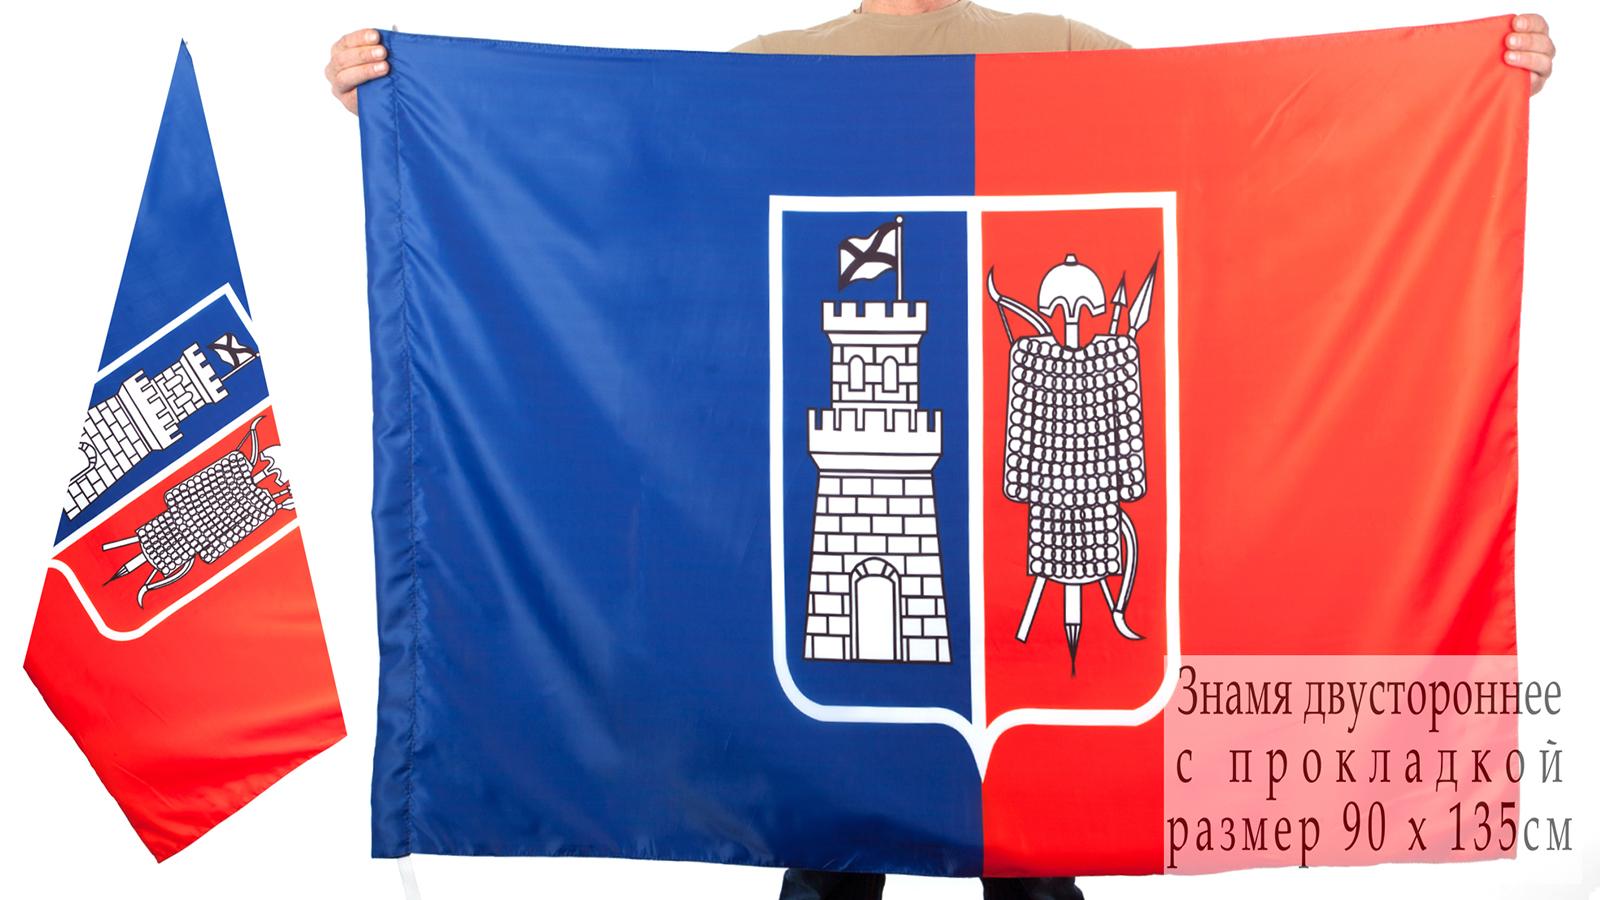 Двухсторонний флаг Ростова-на-Дону